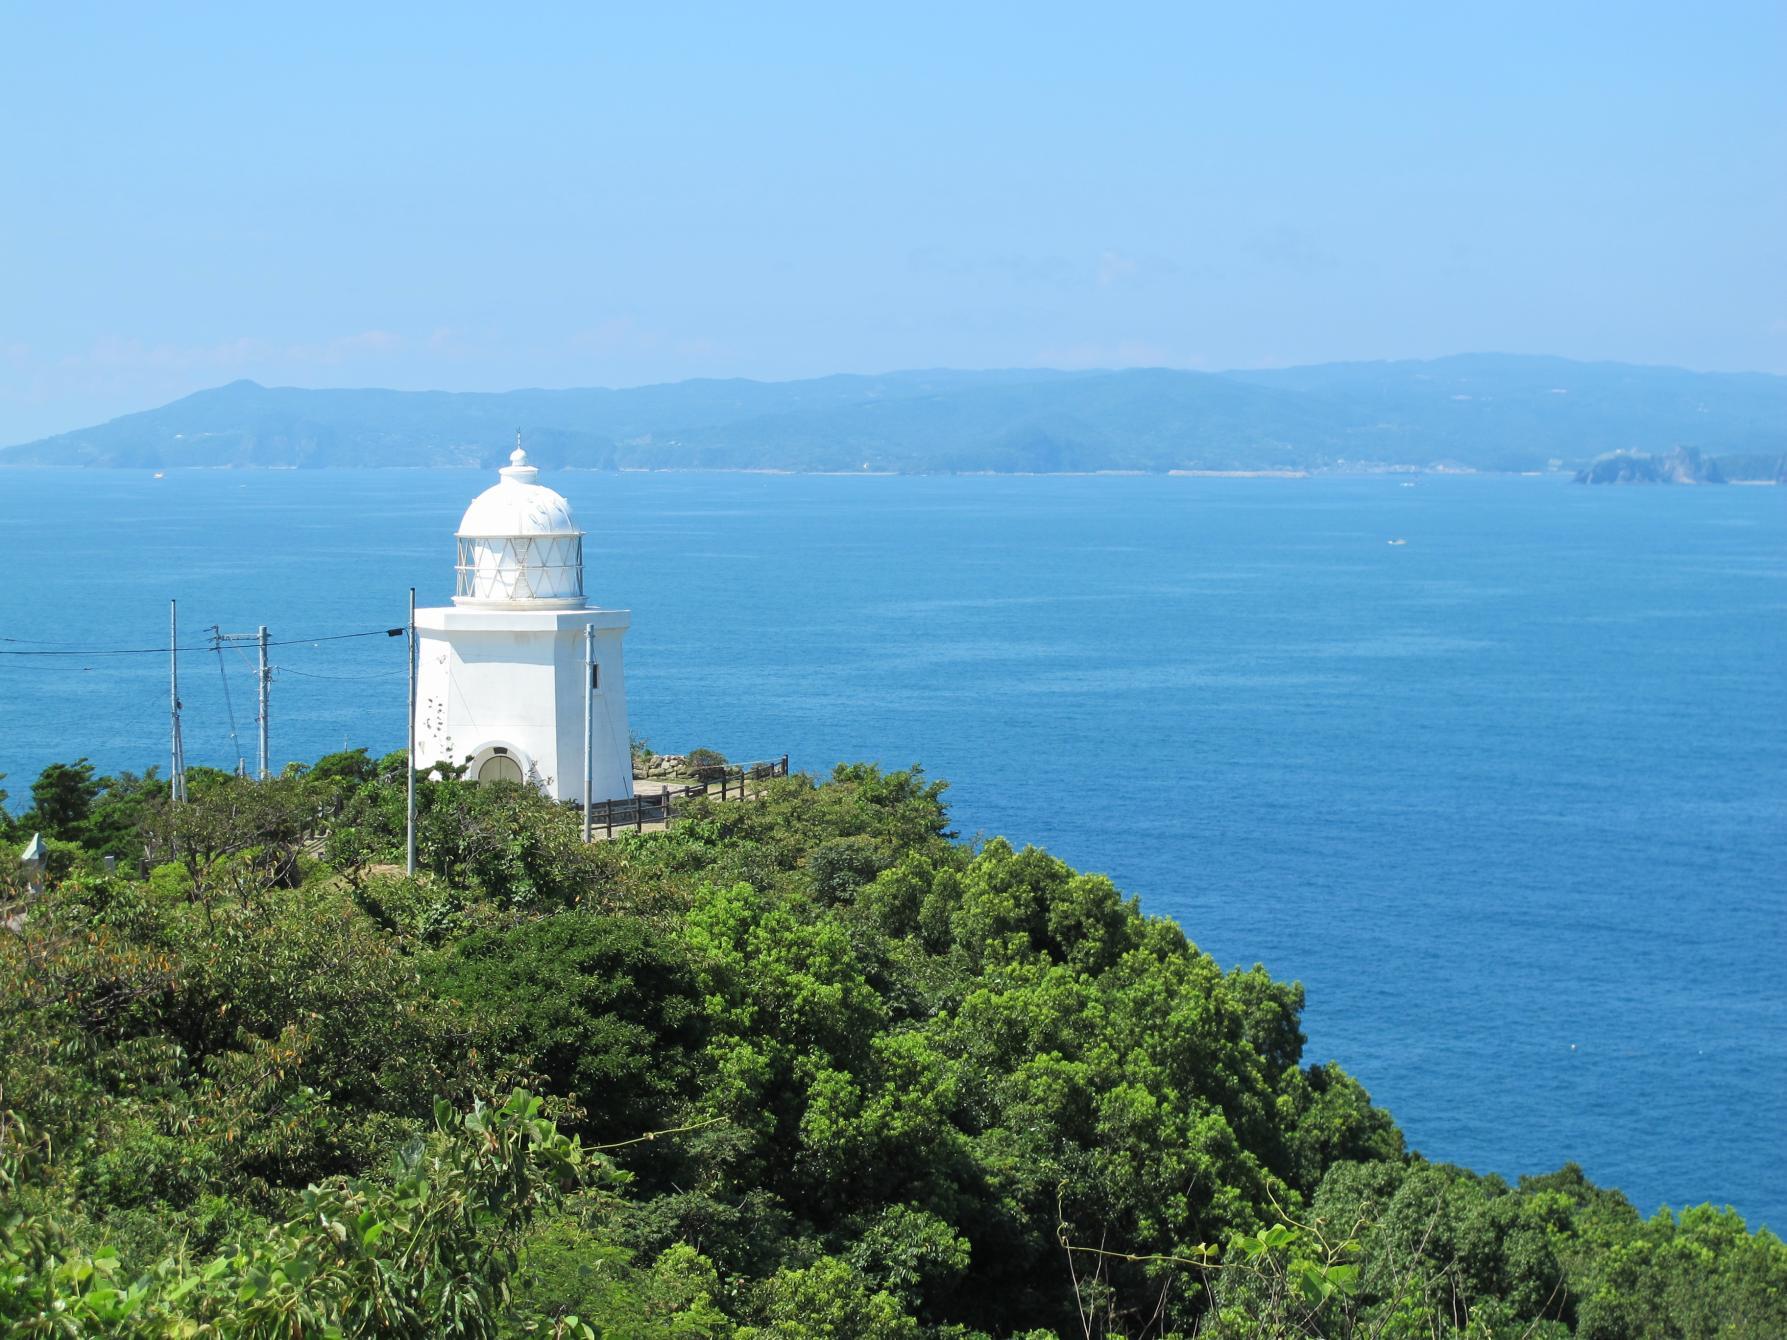 長崎港へ向かう船を見守る灯台 ―伊王島灯台―-1